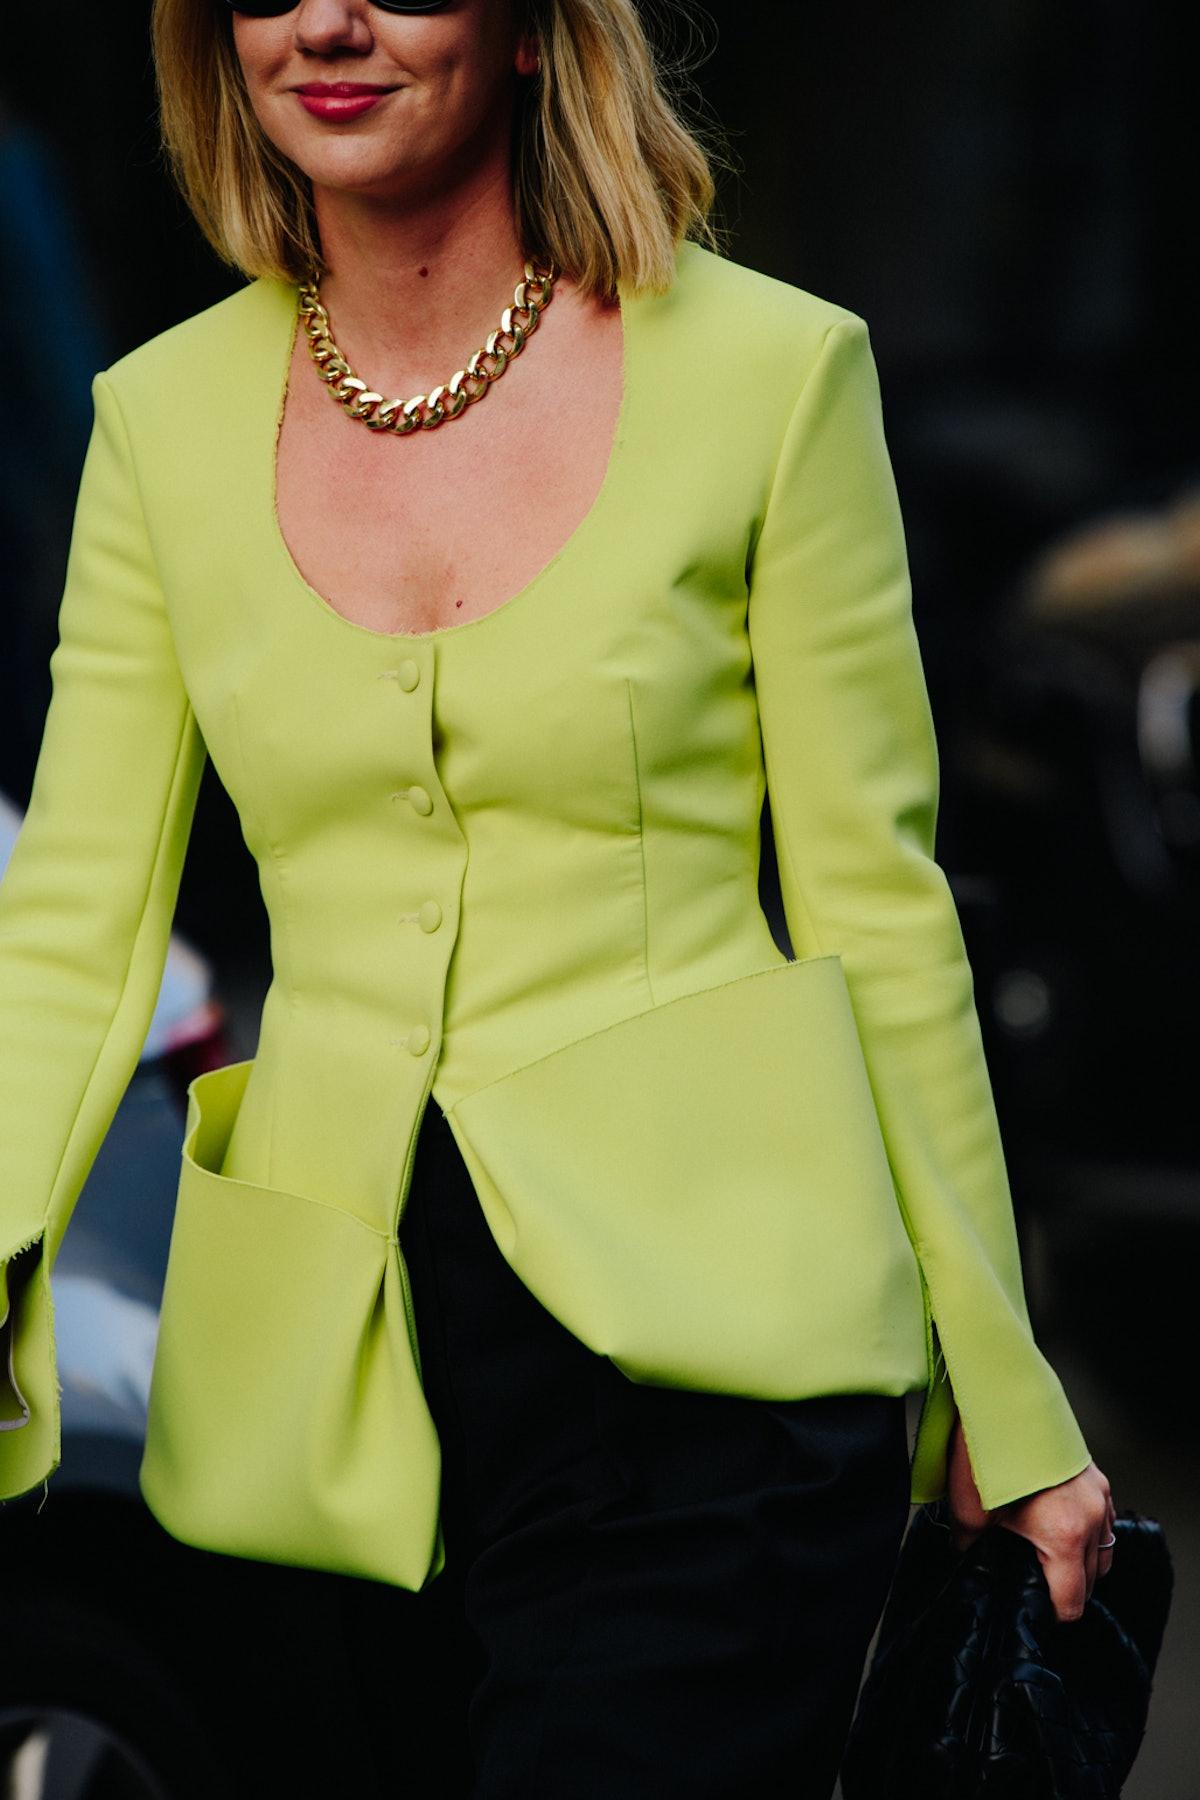 Adam-Katz-Sinding-W-Magazine-Milan-Fashion-Week-Spring-Summer-2020_AKS2997.jpg